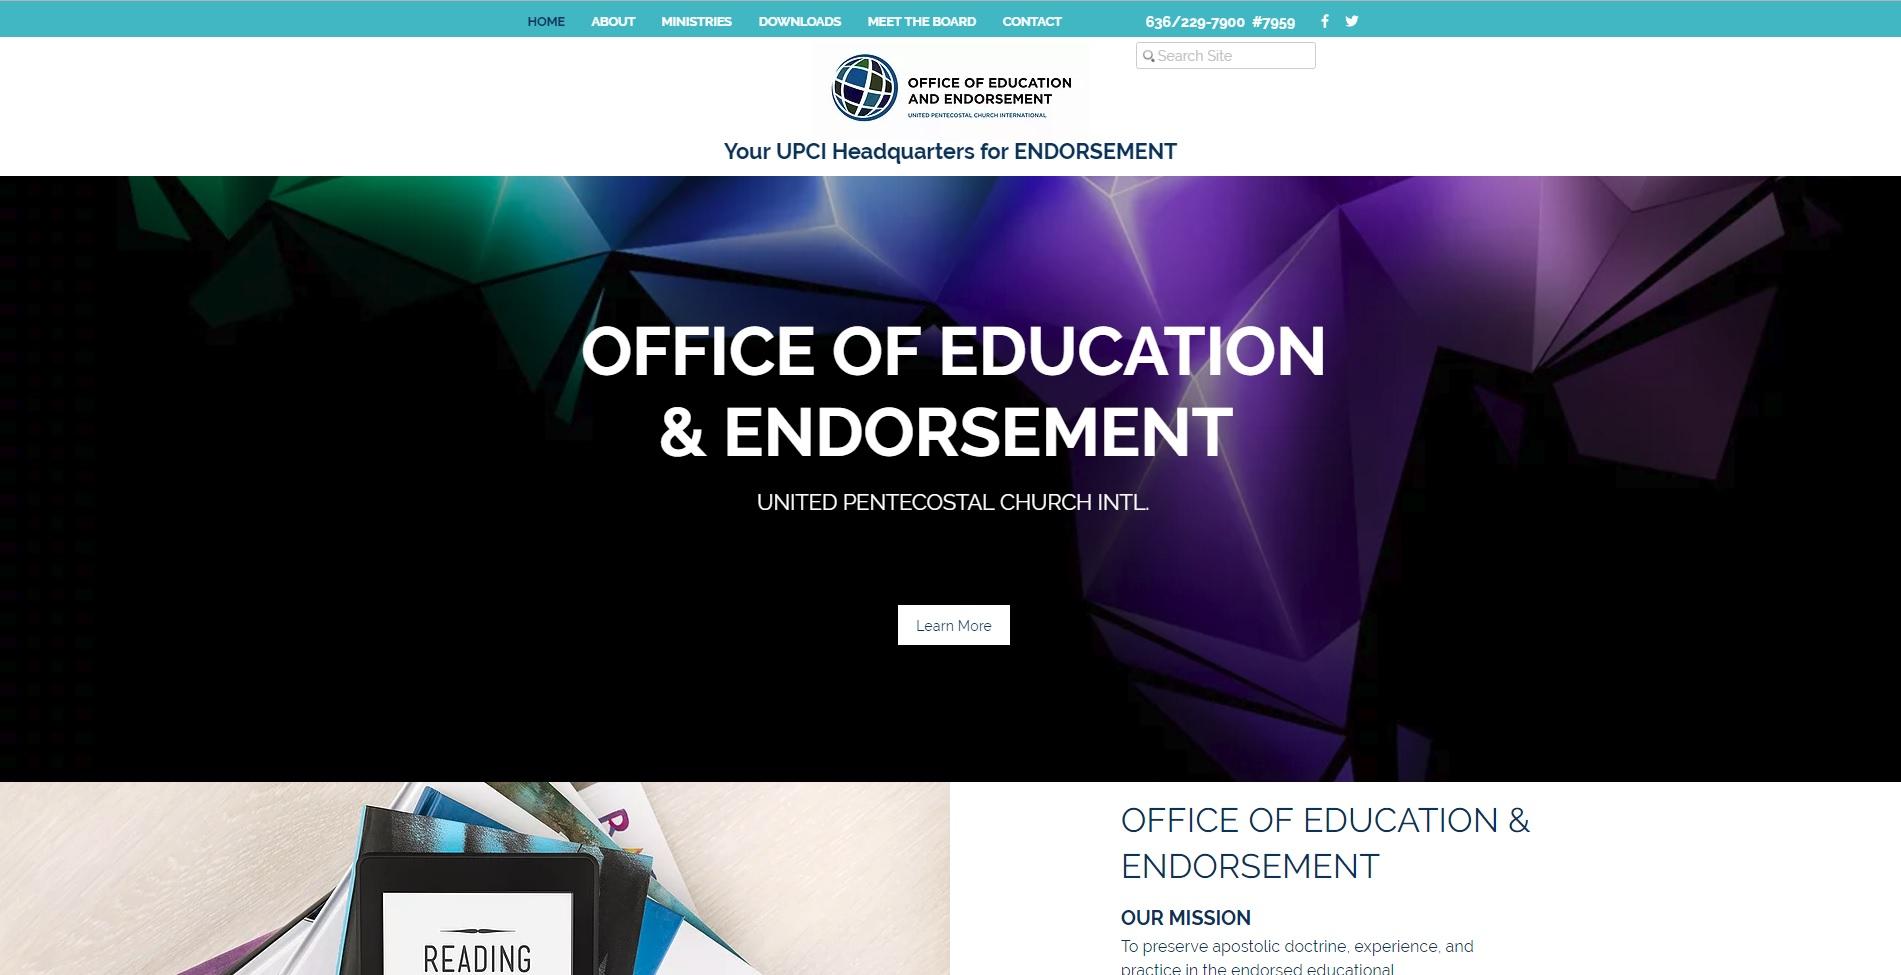 OEE Home Page Image